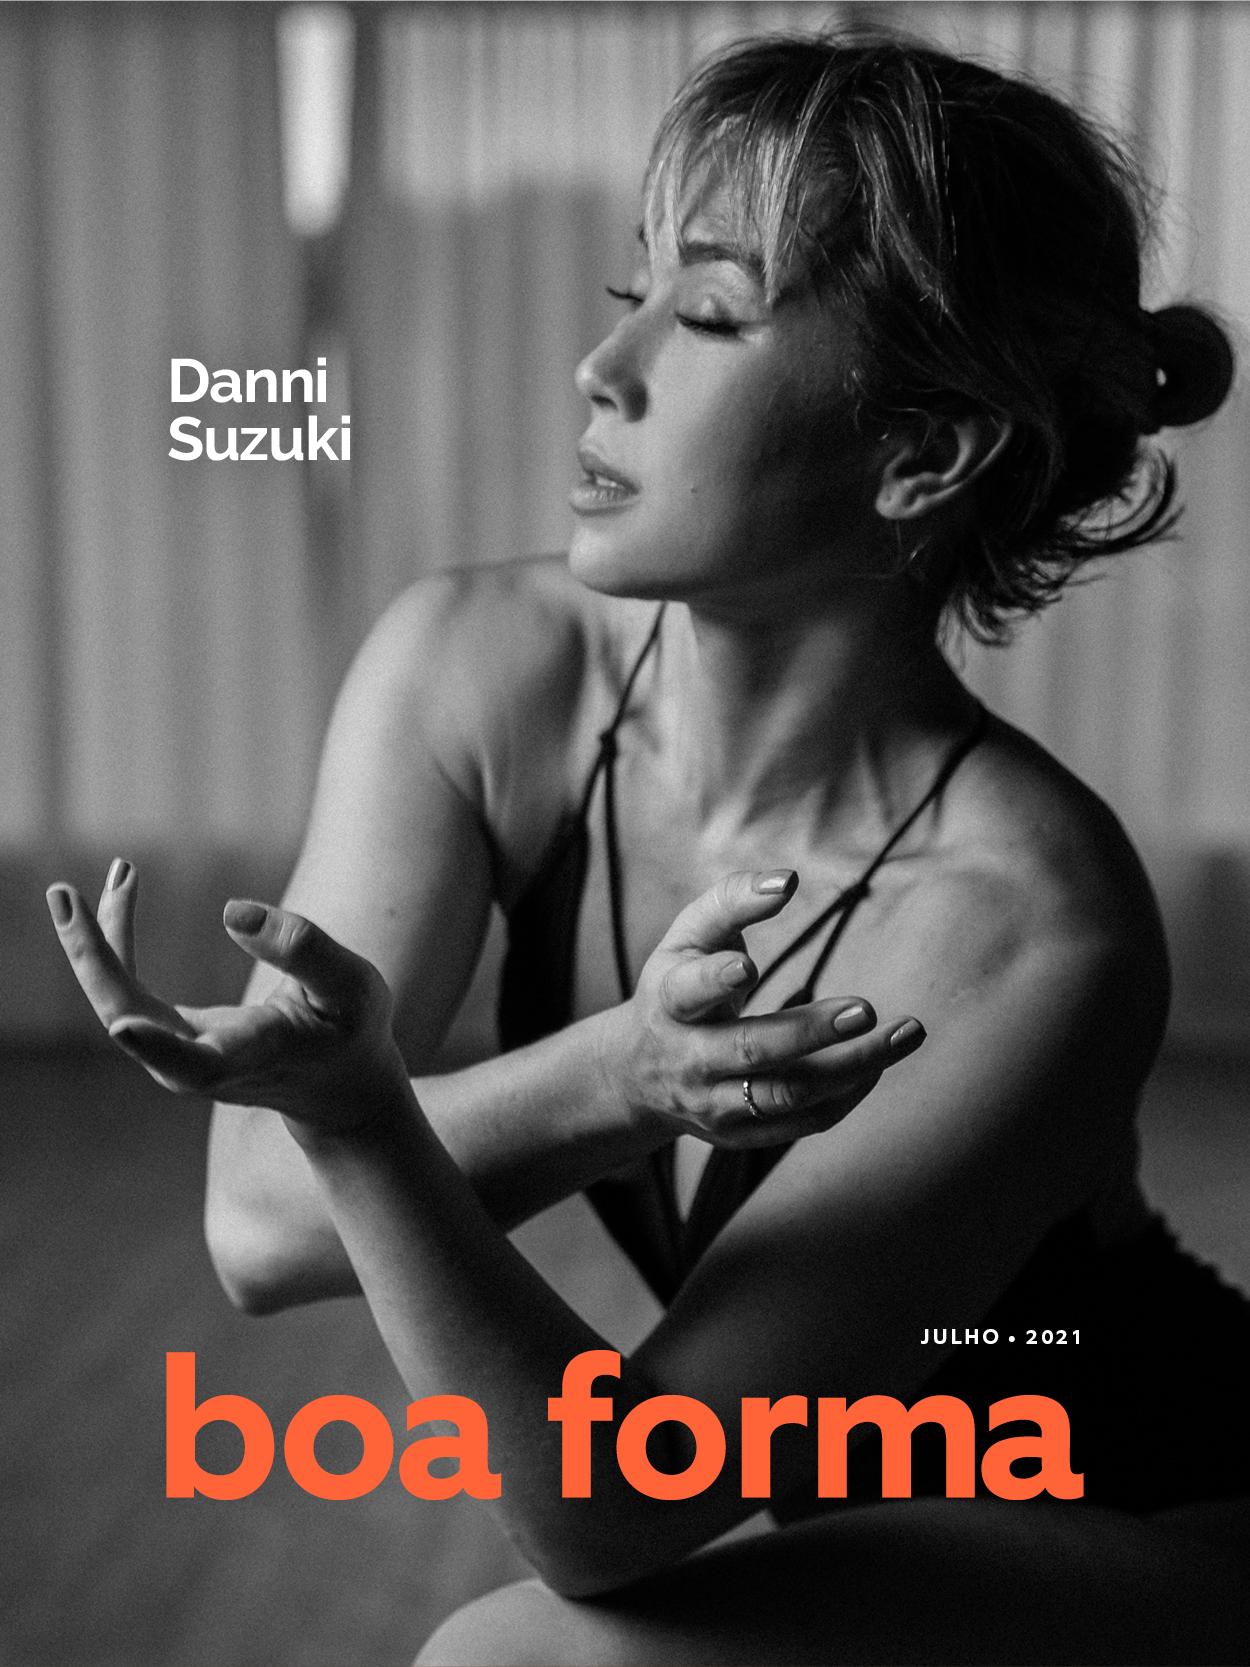 Danni Suzuki: estrela da capa de julho da Boa Forma